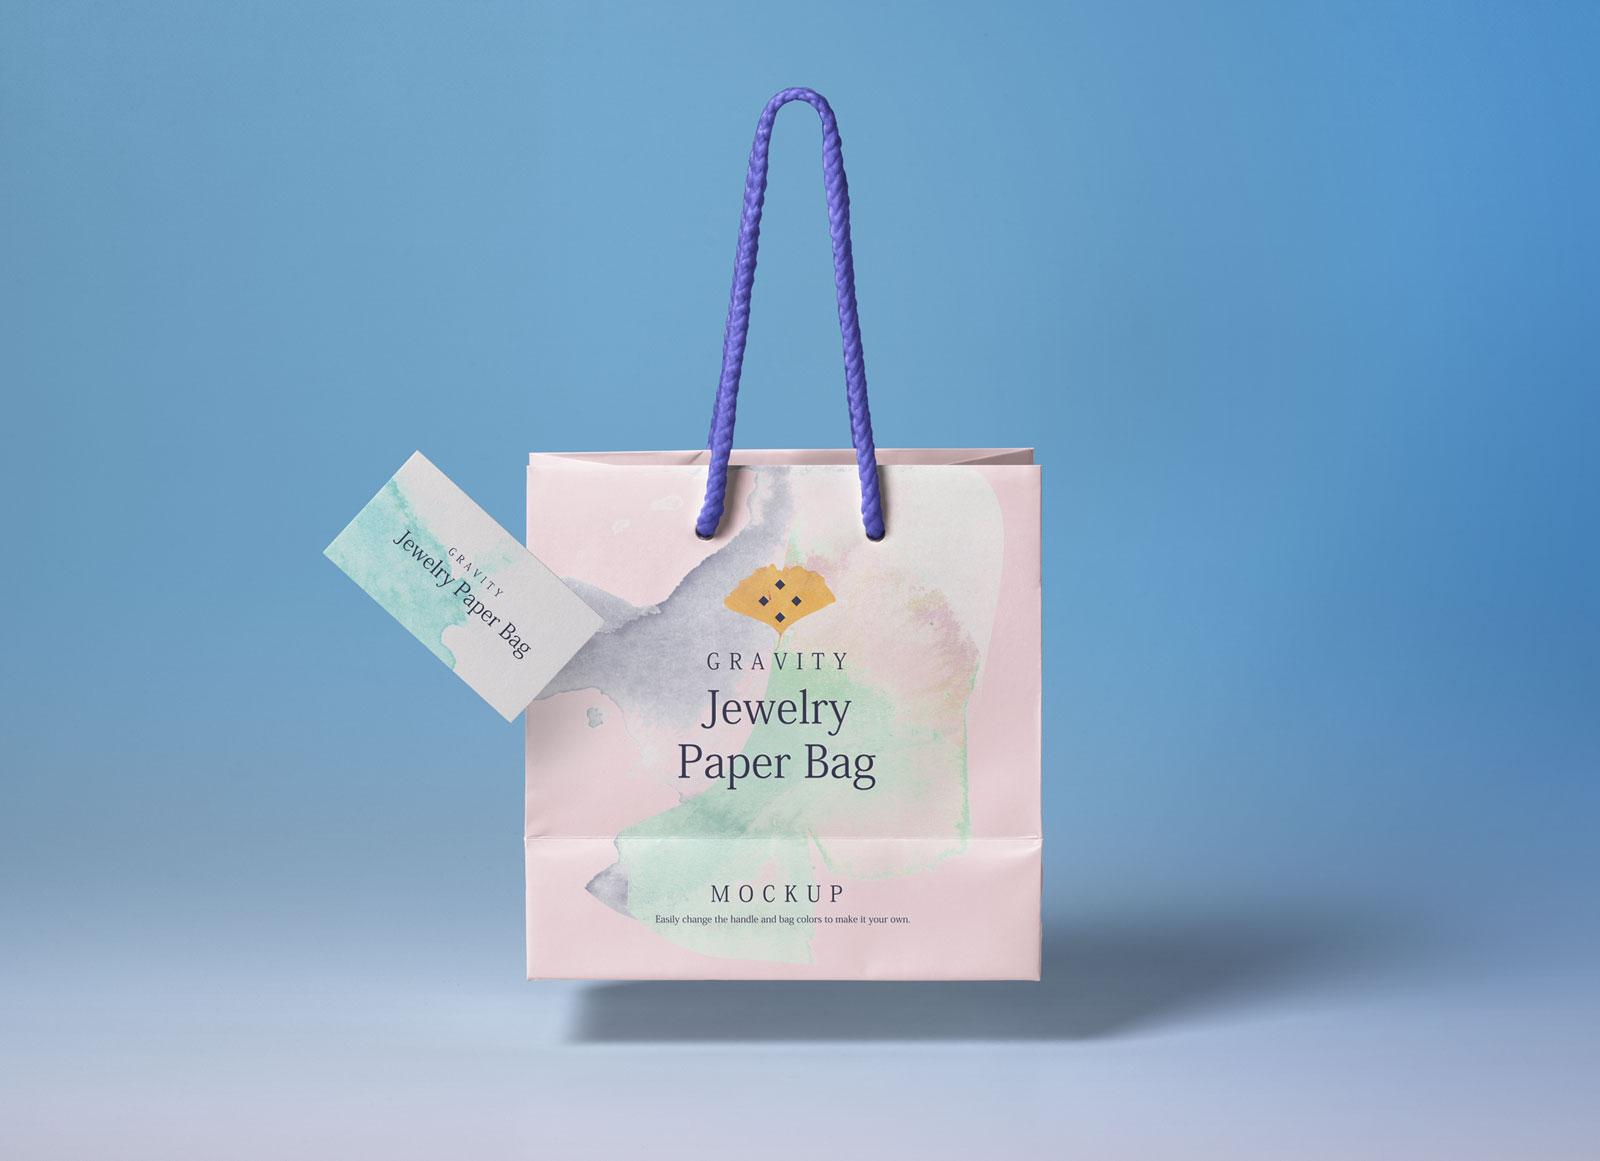 Free-Shopping-Bag-Mockup-PSD-2